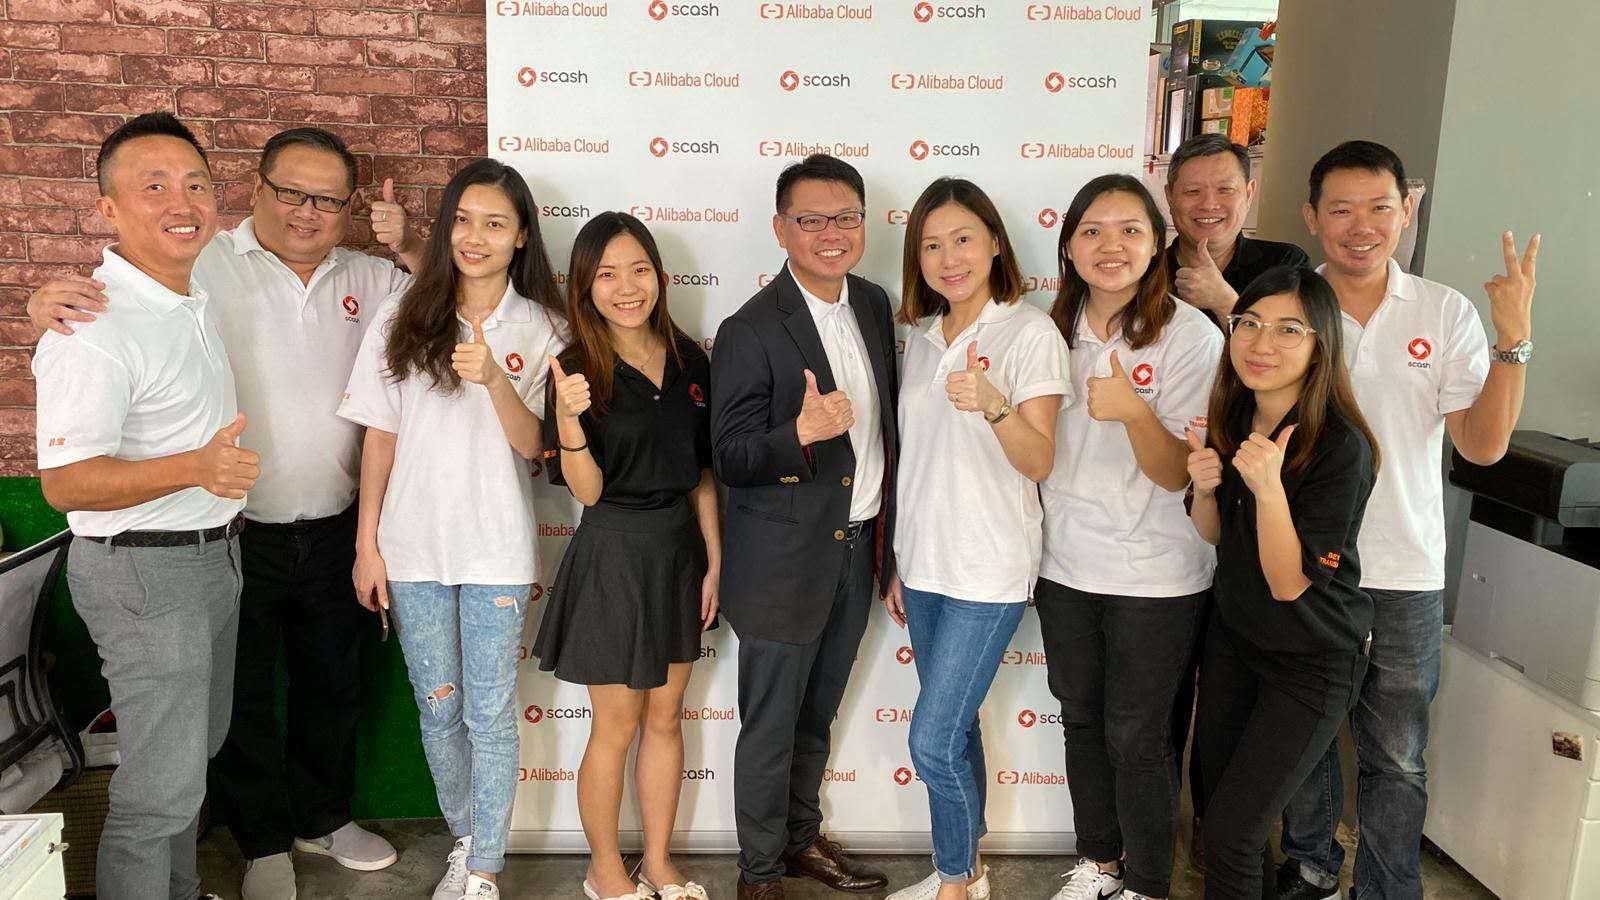 在街上SCash&Alibaba Cloud 合作宣传片拍摄